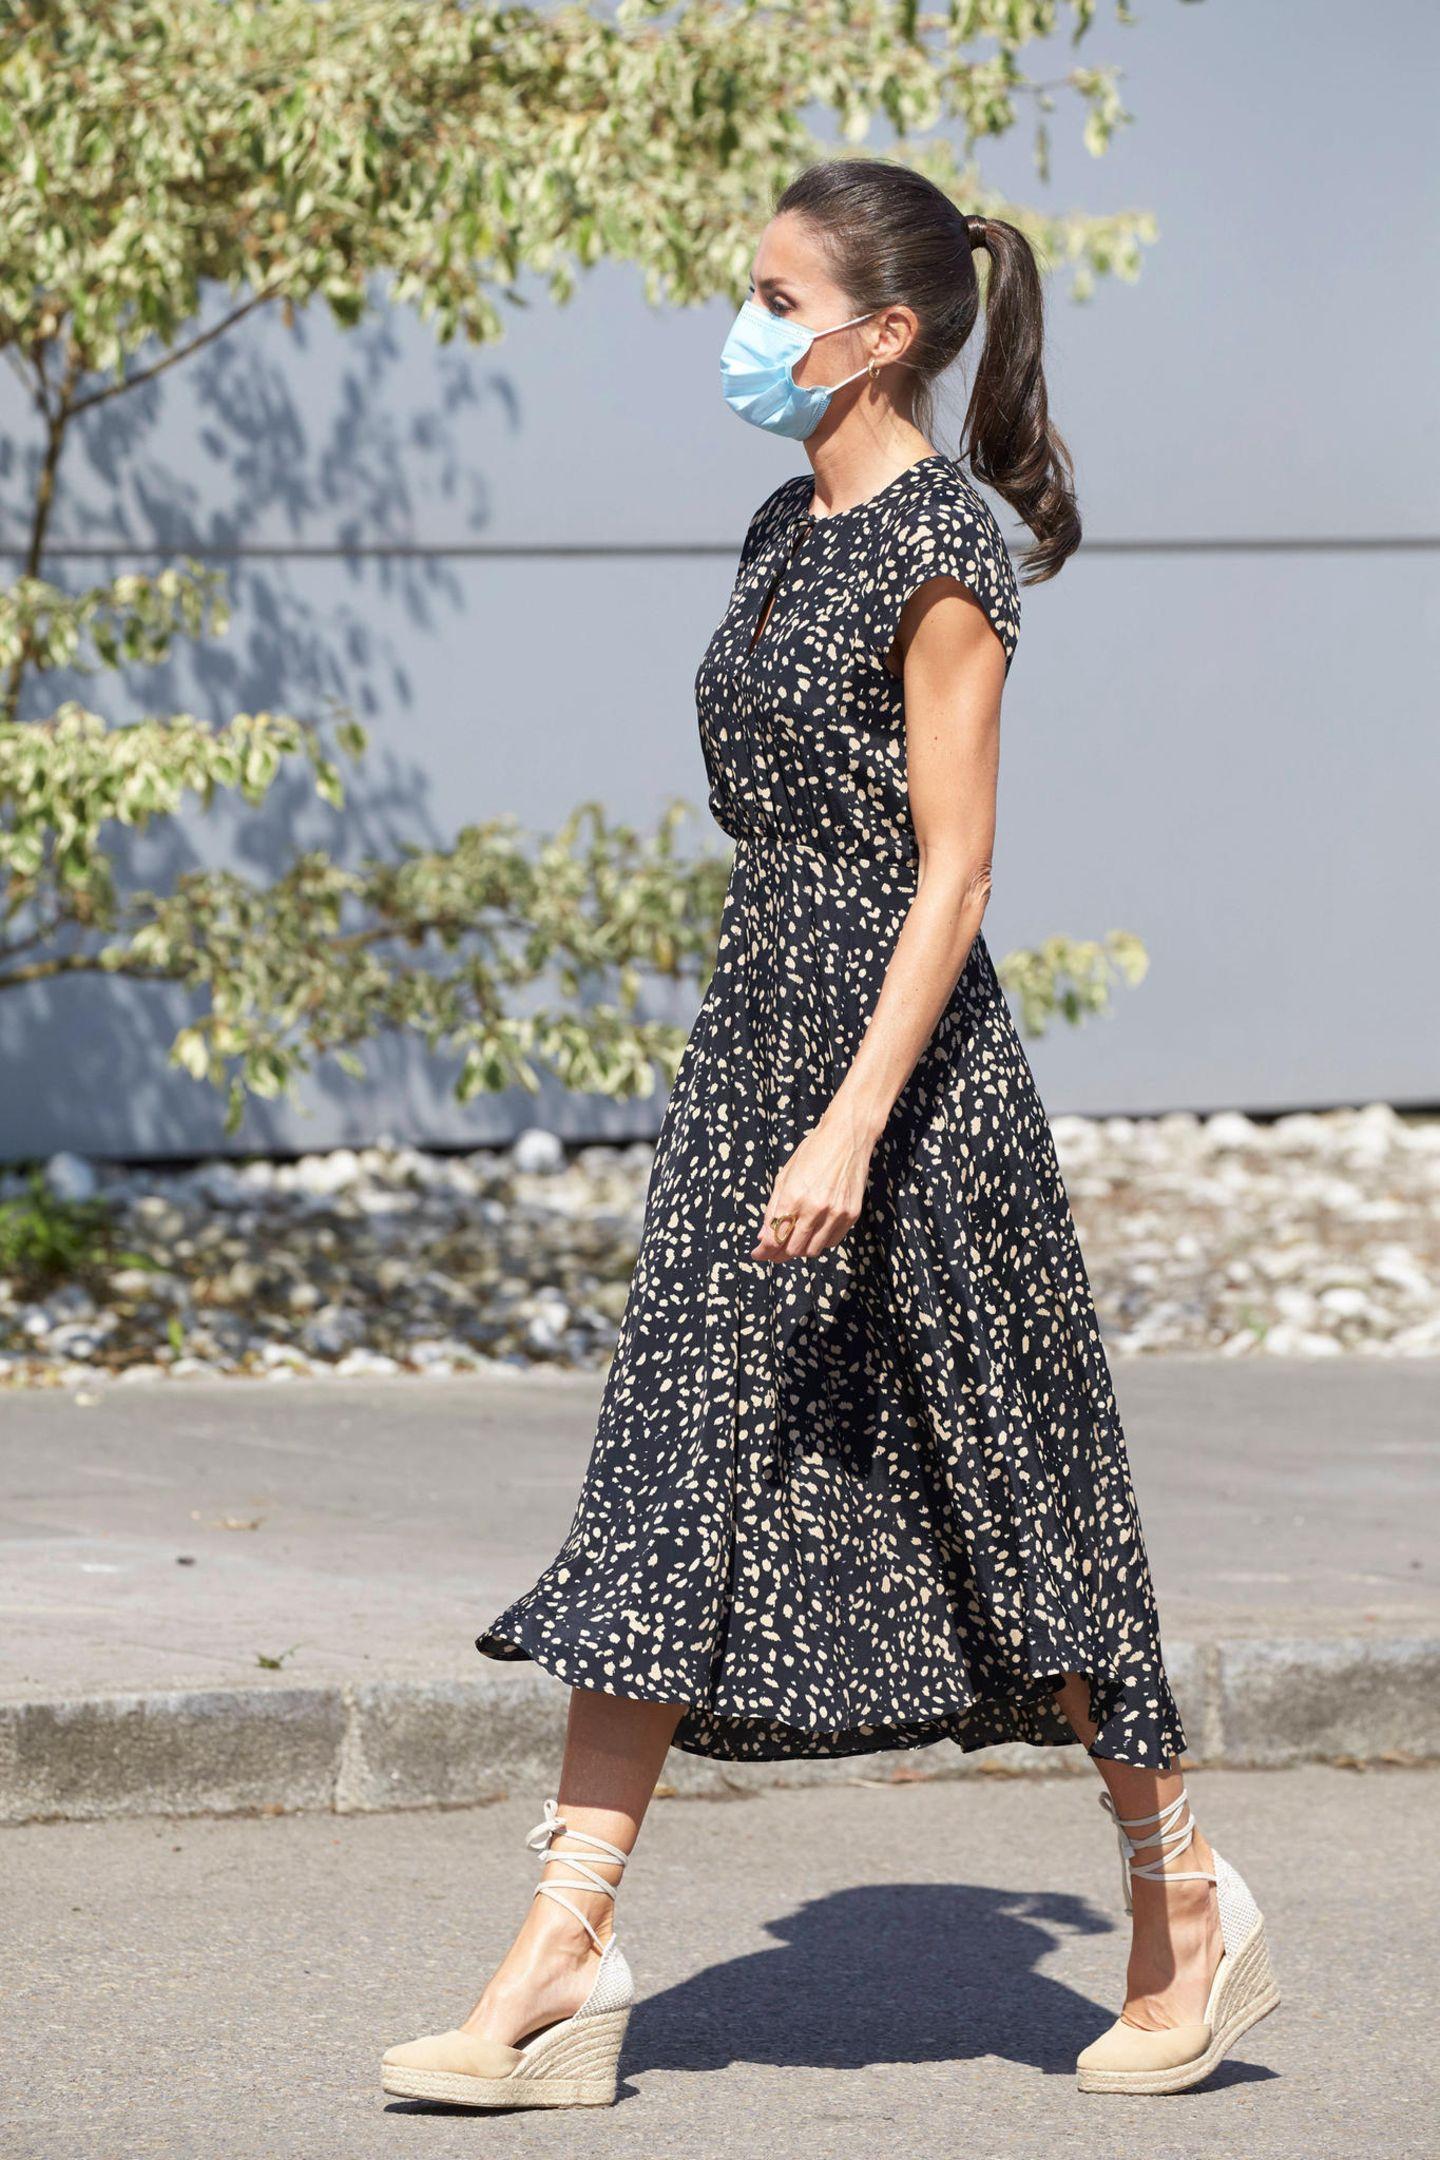 königin letizia: ihre schönsten kleider in bildern | gala.de